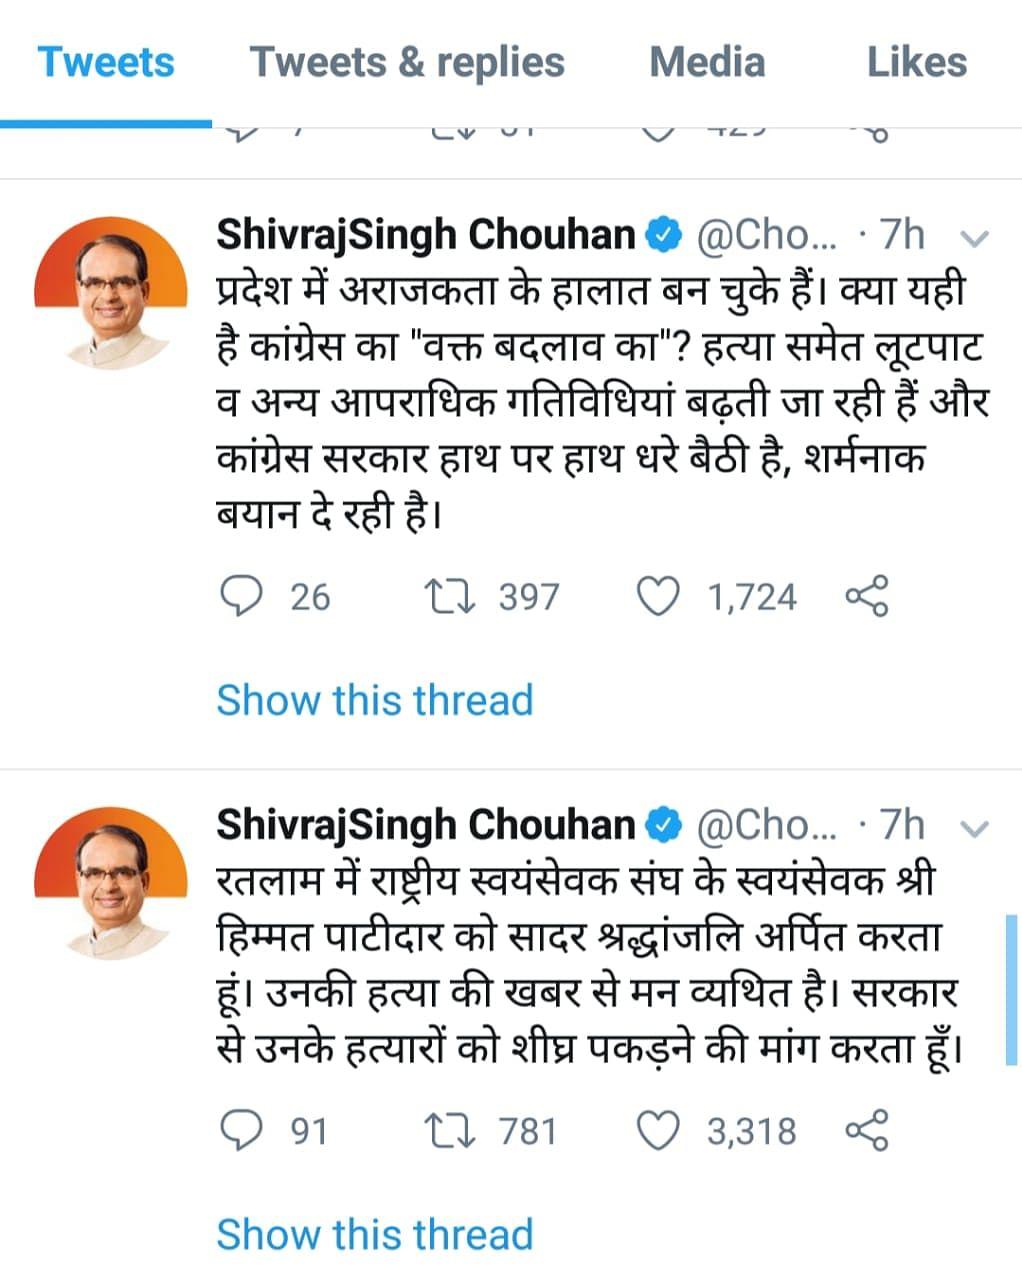 Screenshots of Shivraj Singh Chouhan's tweets.